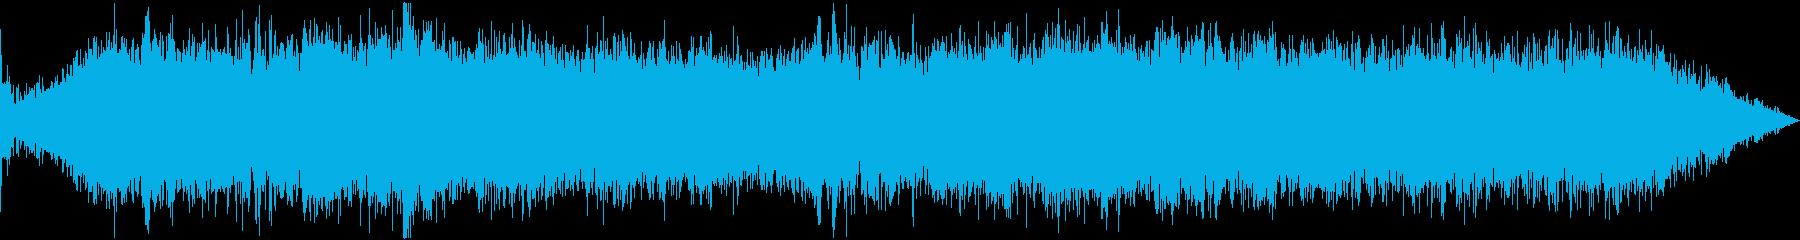 ダークアンビエント_08 インパクトの再生済みの波形